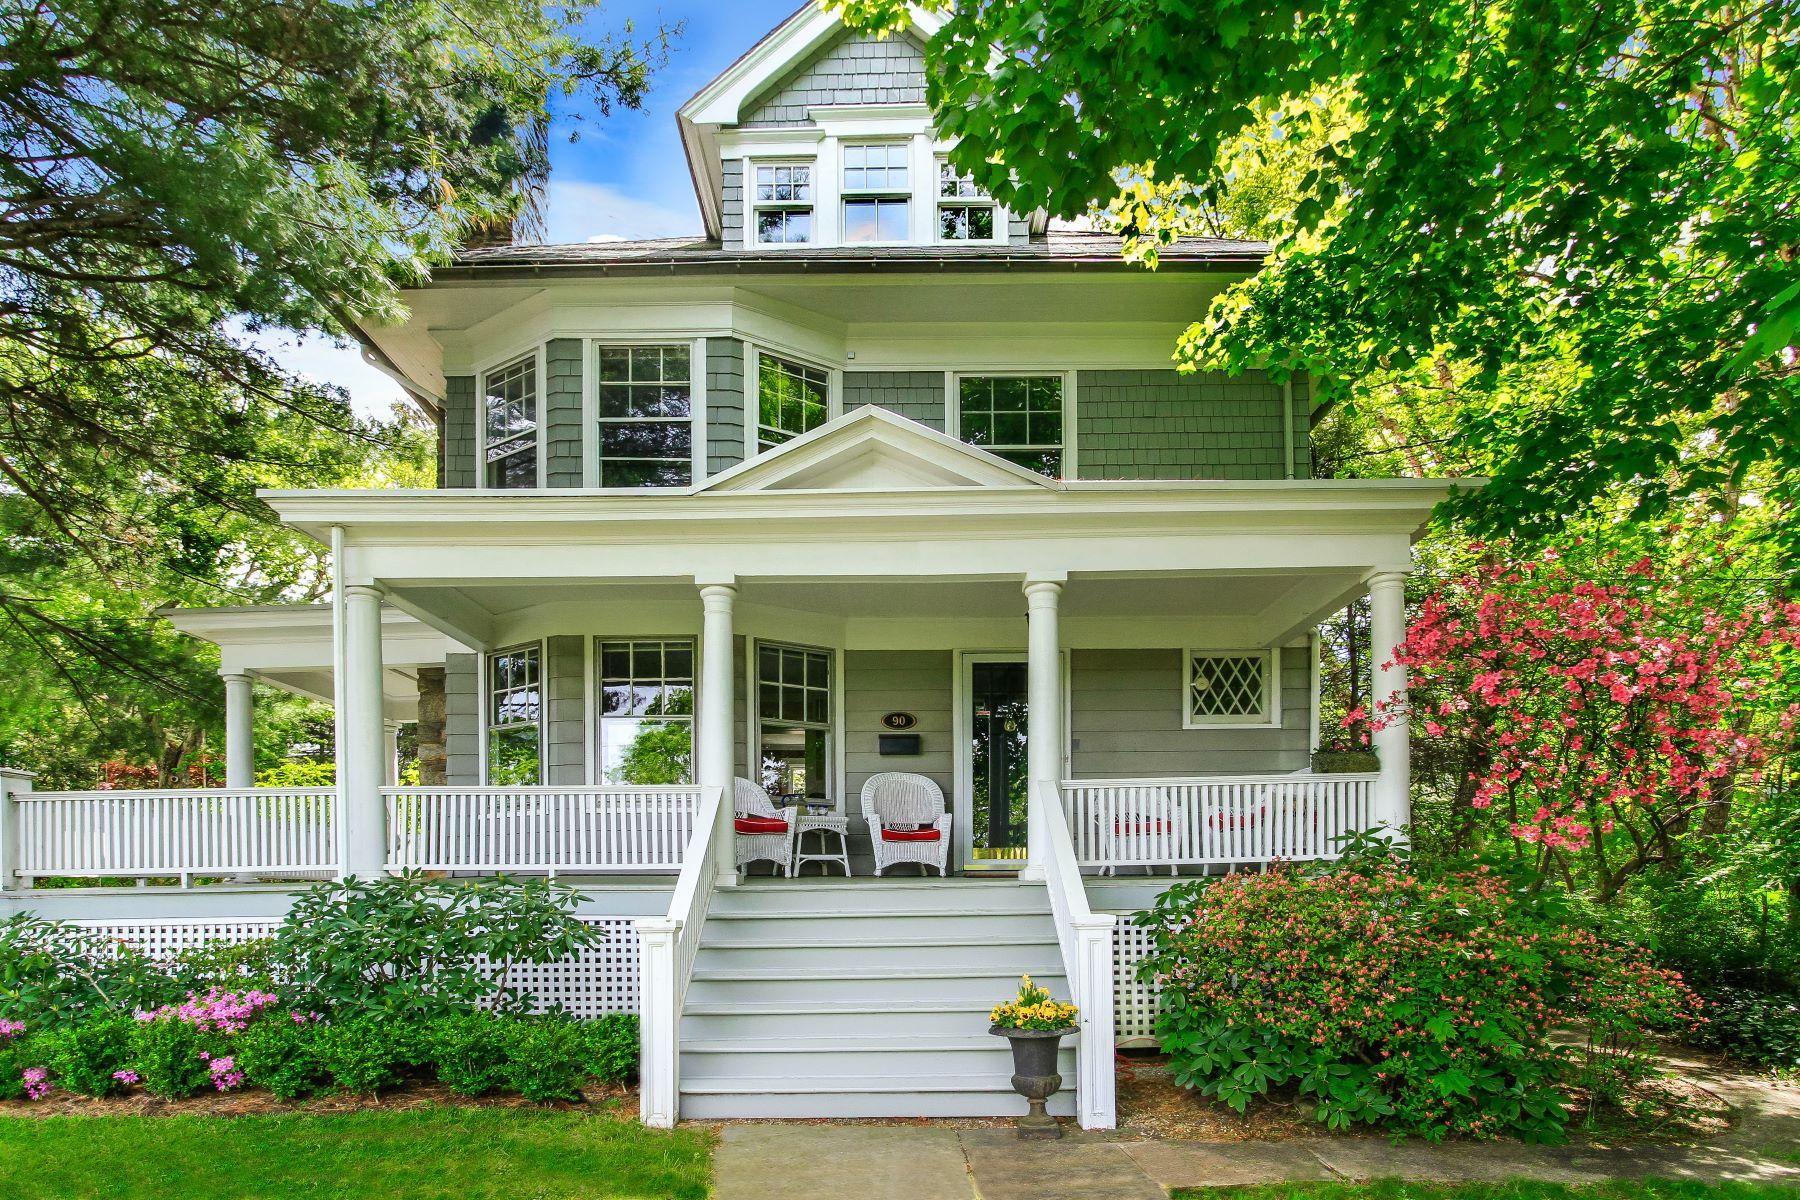 Частный односемейный дом для того Продажа на Renovated Victorian Beauty 90 Holland Place Hartsdale, Нью-Йорк, 10530 Соединенные Штаты